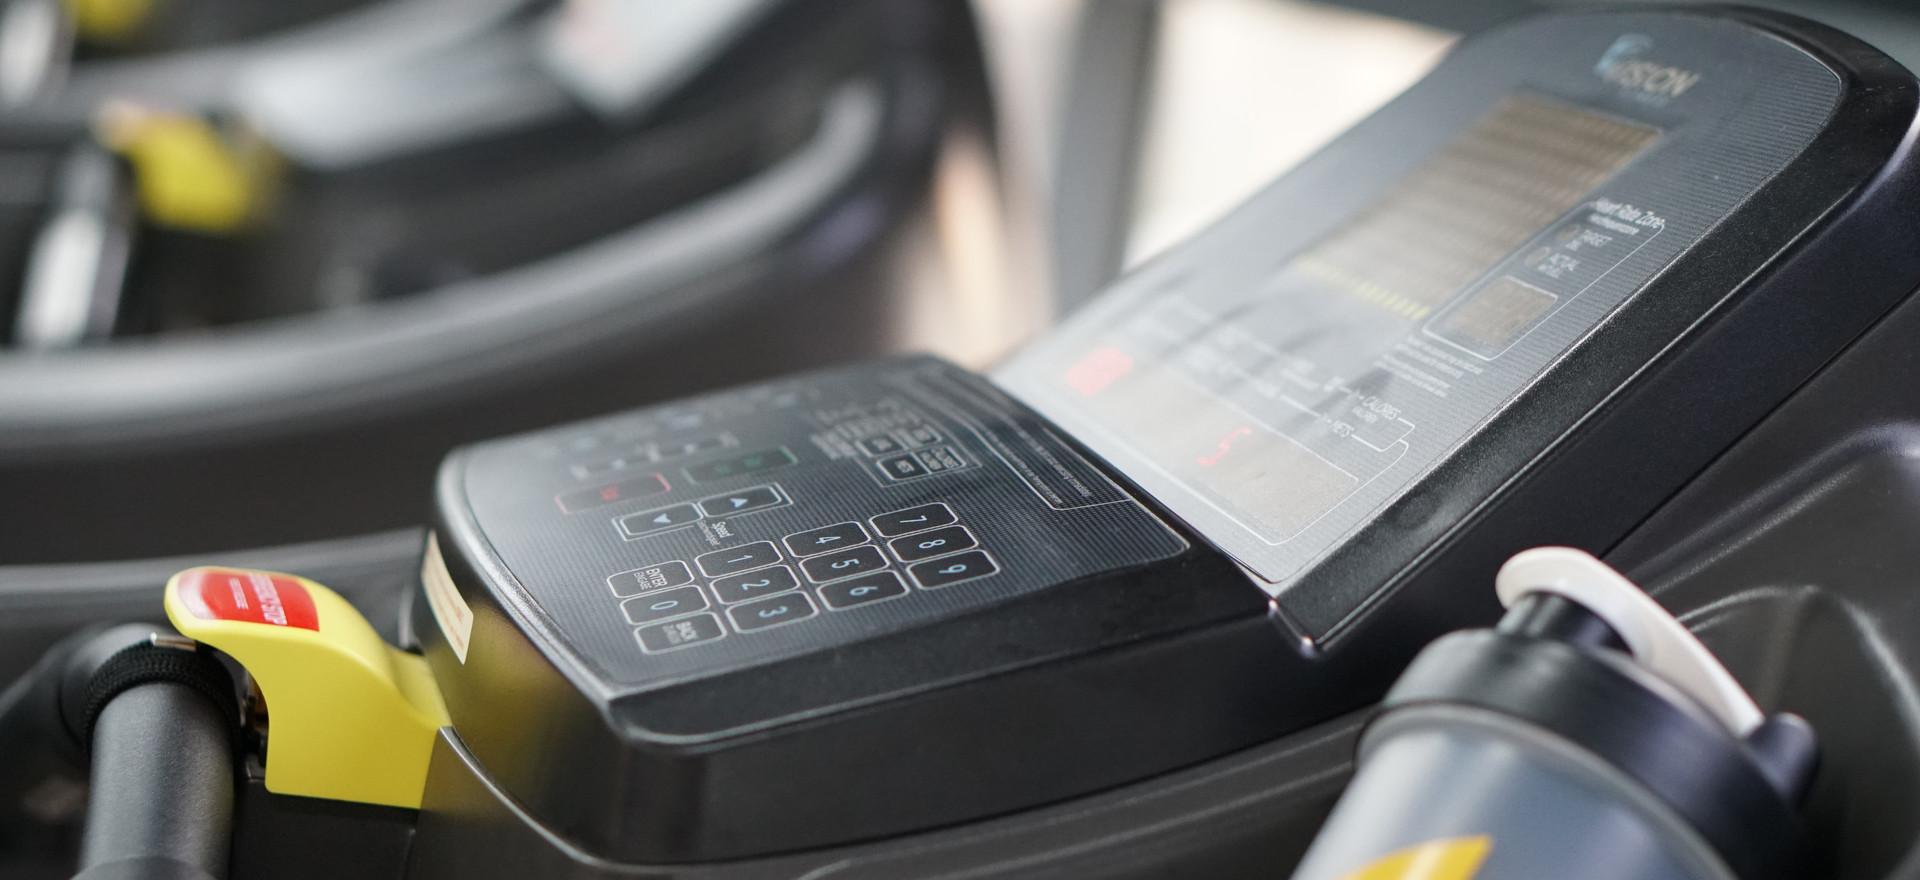 Vision Fitness T60 Treadmill